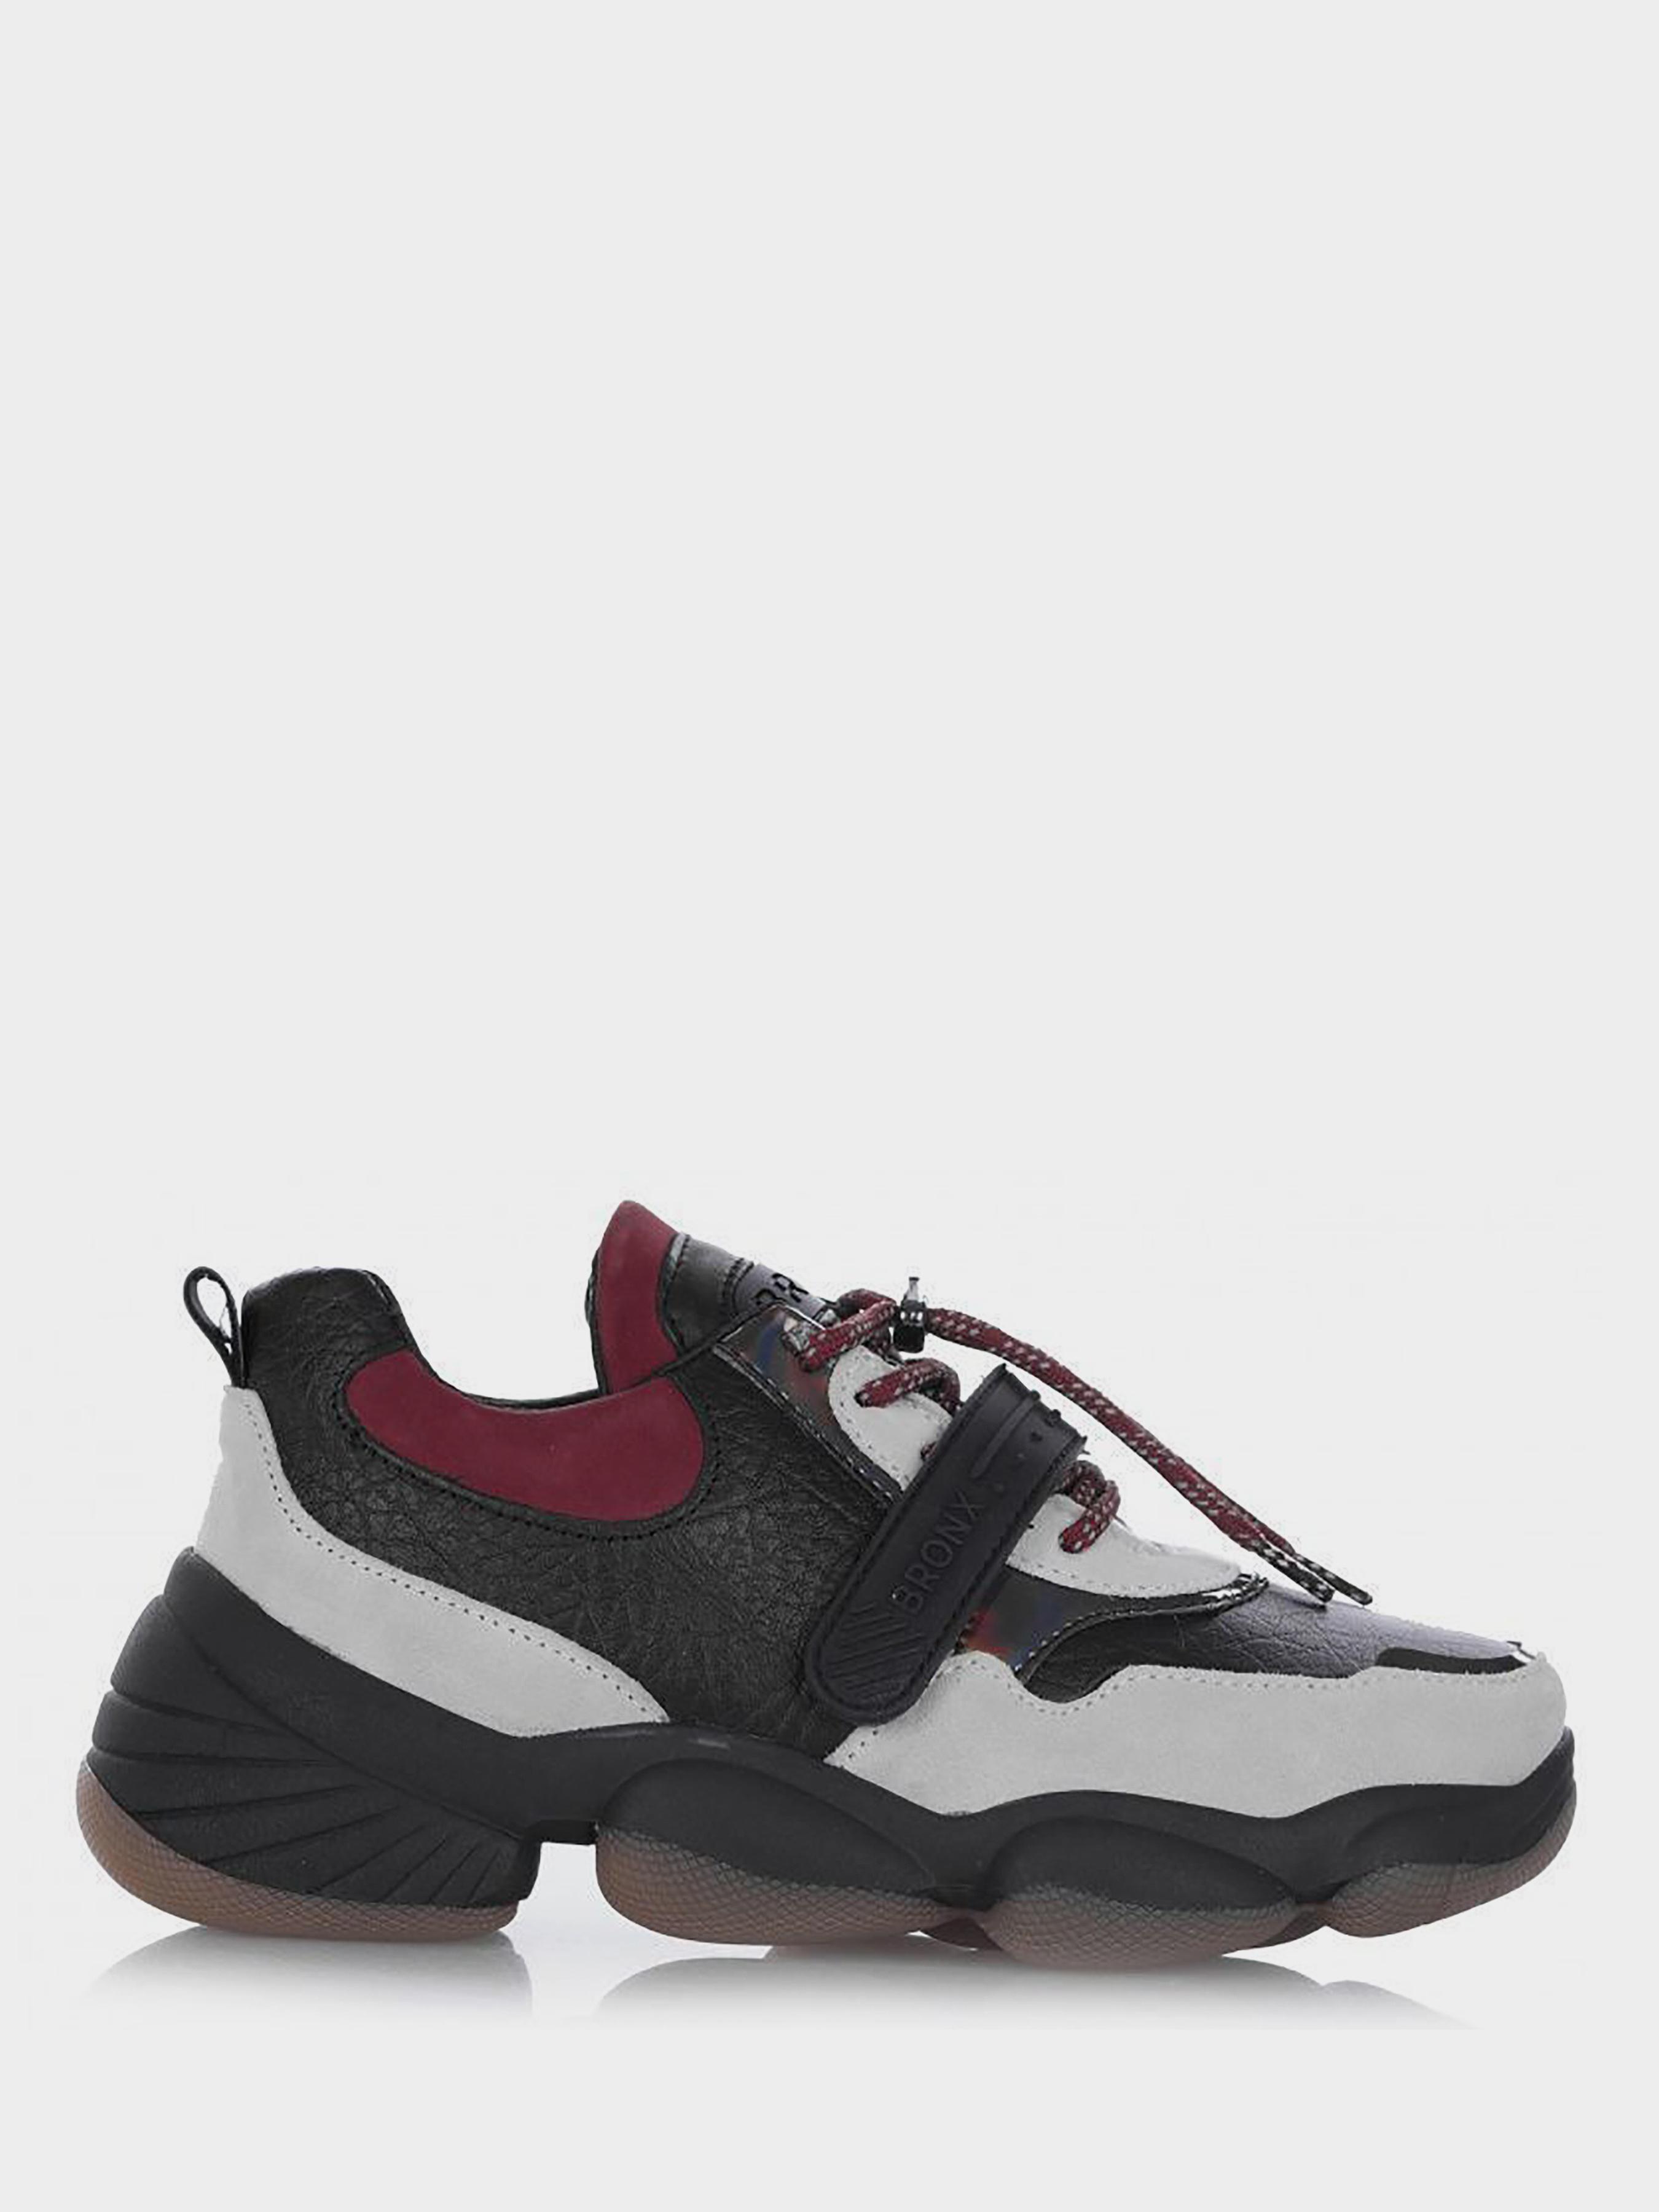 Кроссовки для женщин Bronx Bfranky-jamesX BX2018 купить в Интертоп, 2017